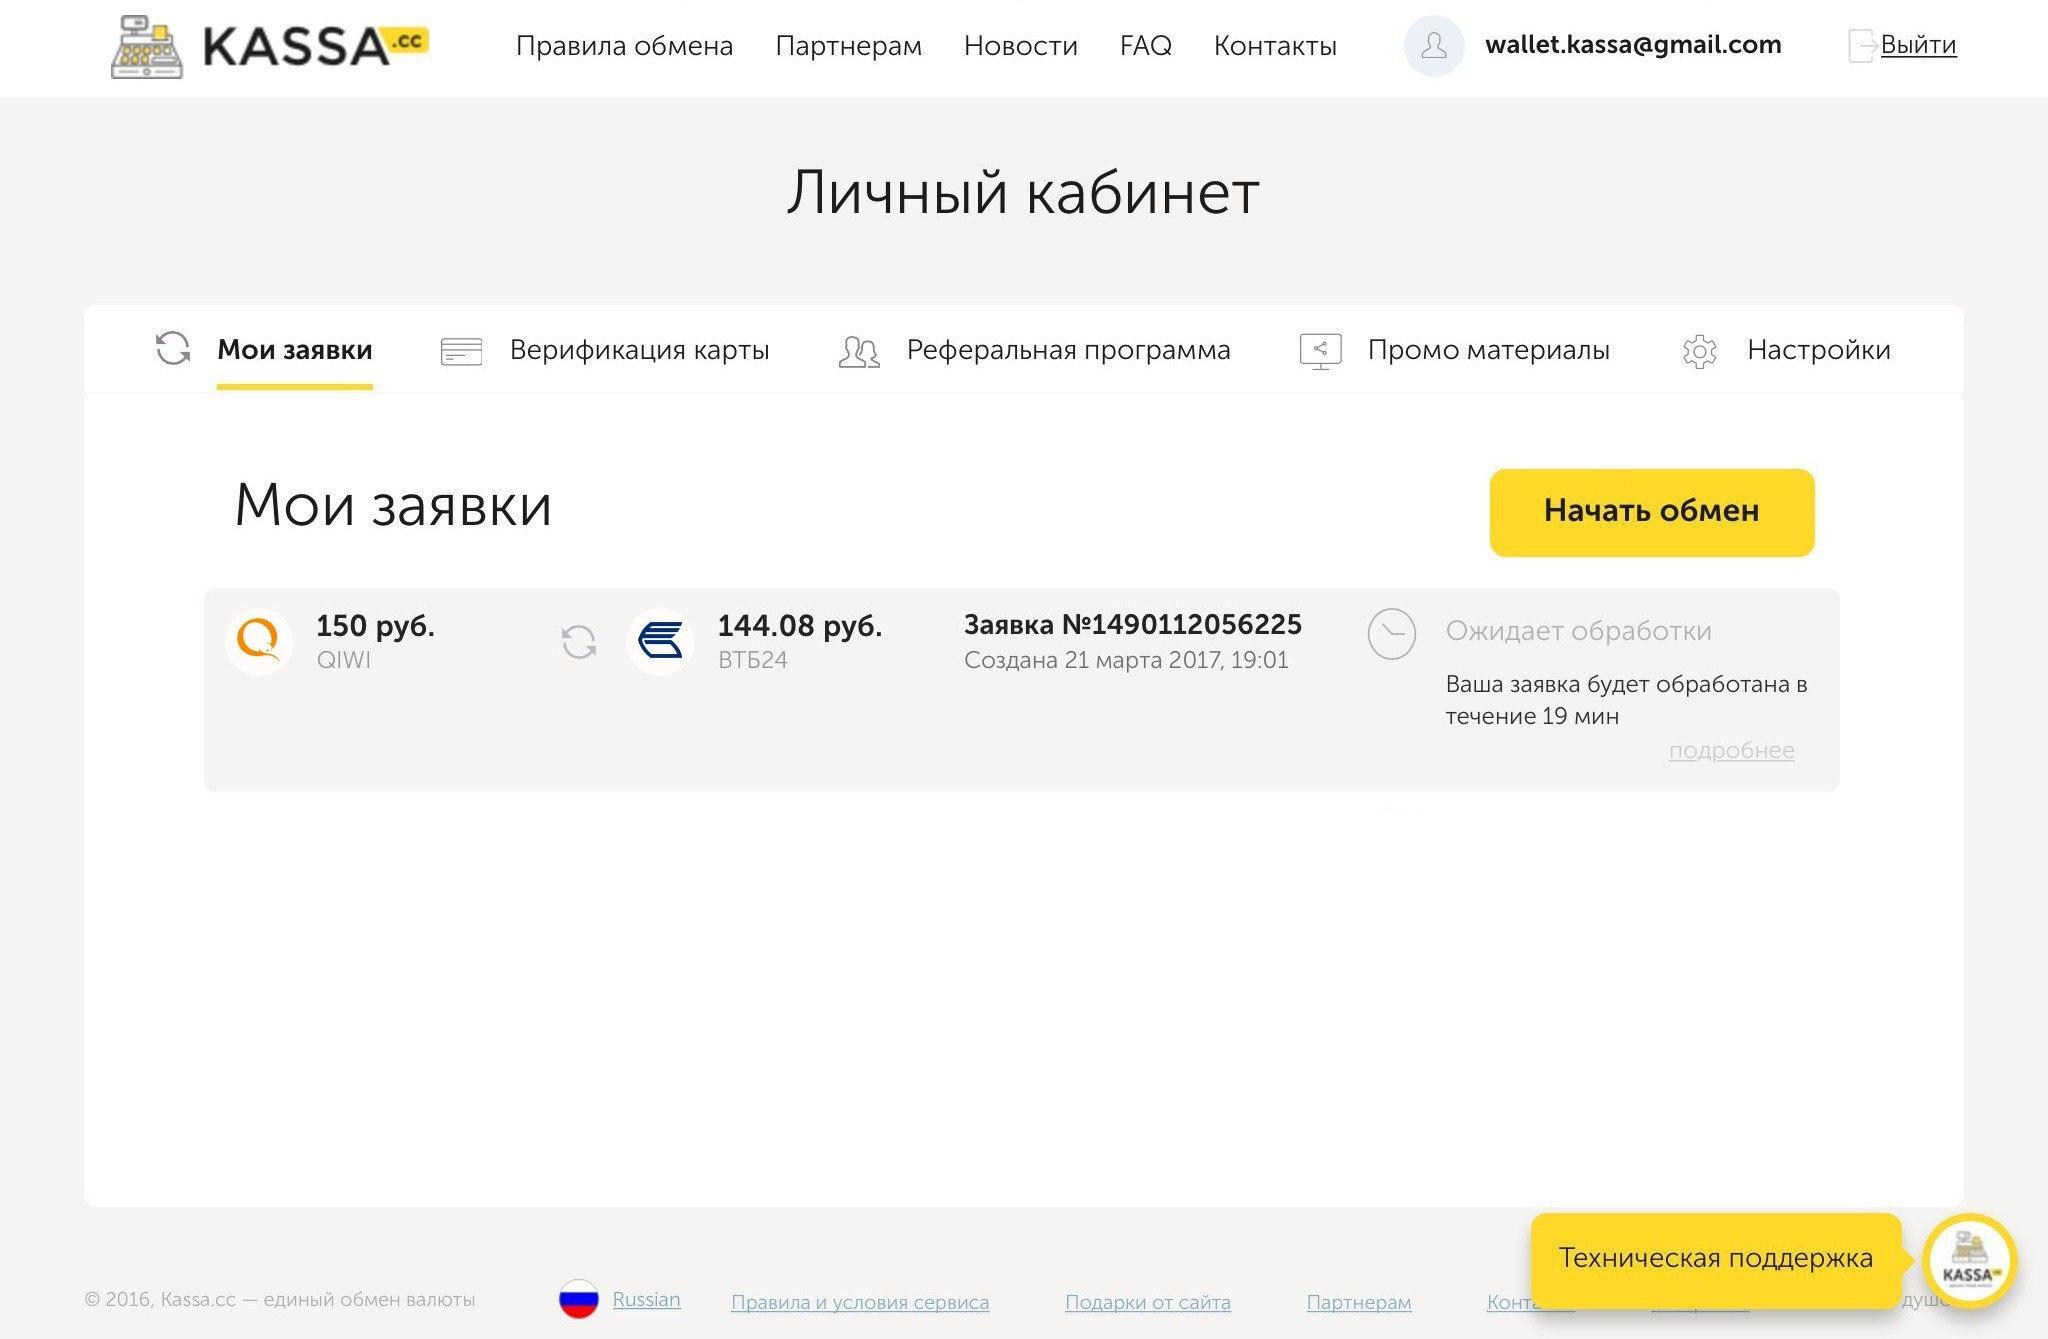 Kassa.cc - единый обмен валюты. Вывод QIWI RUB на карту ВТБ24